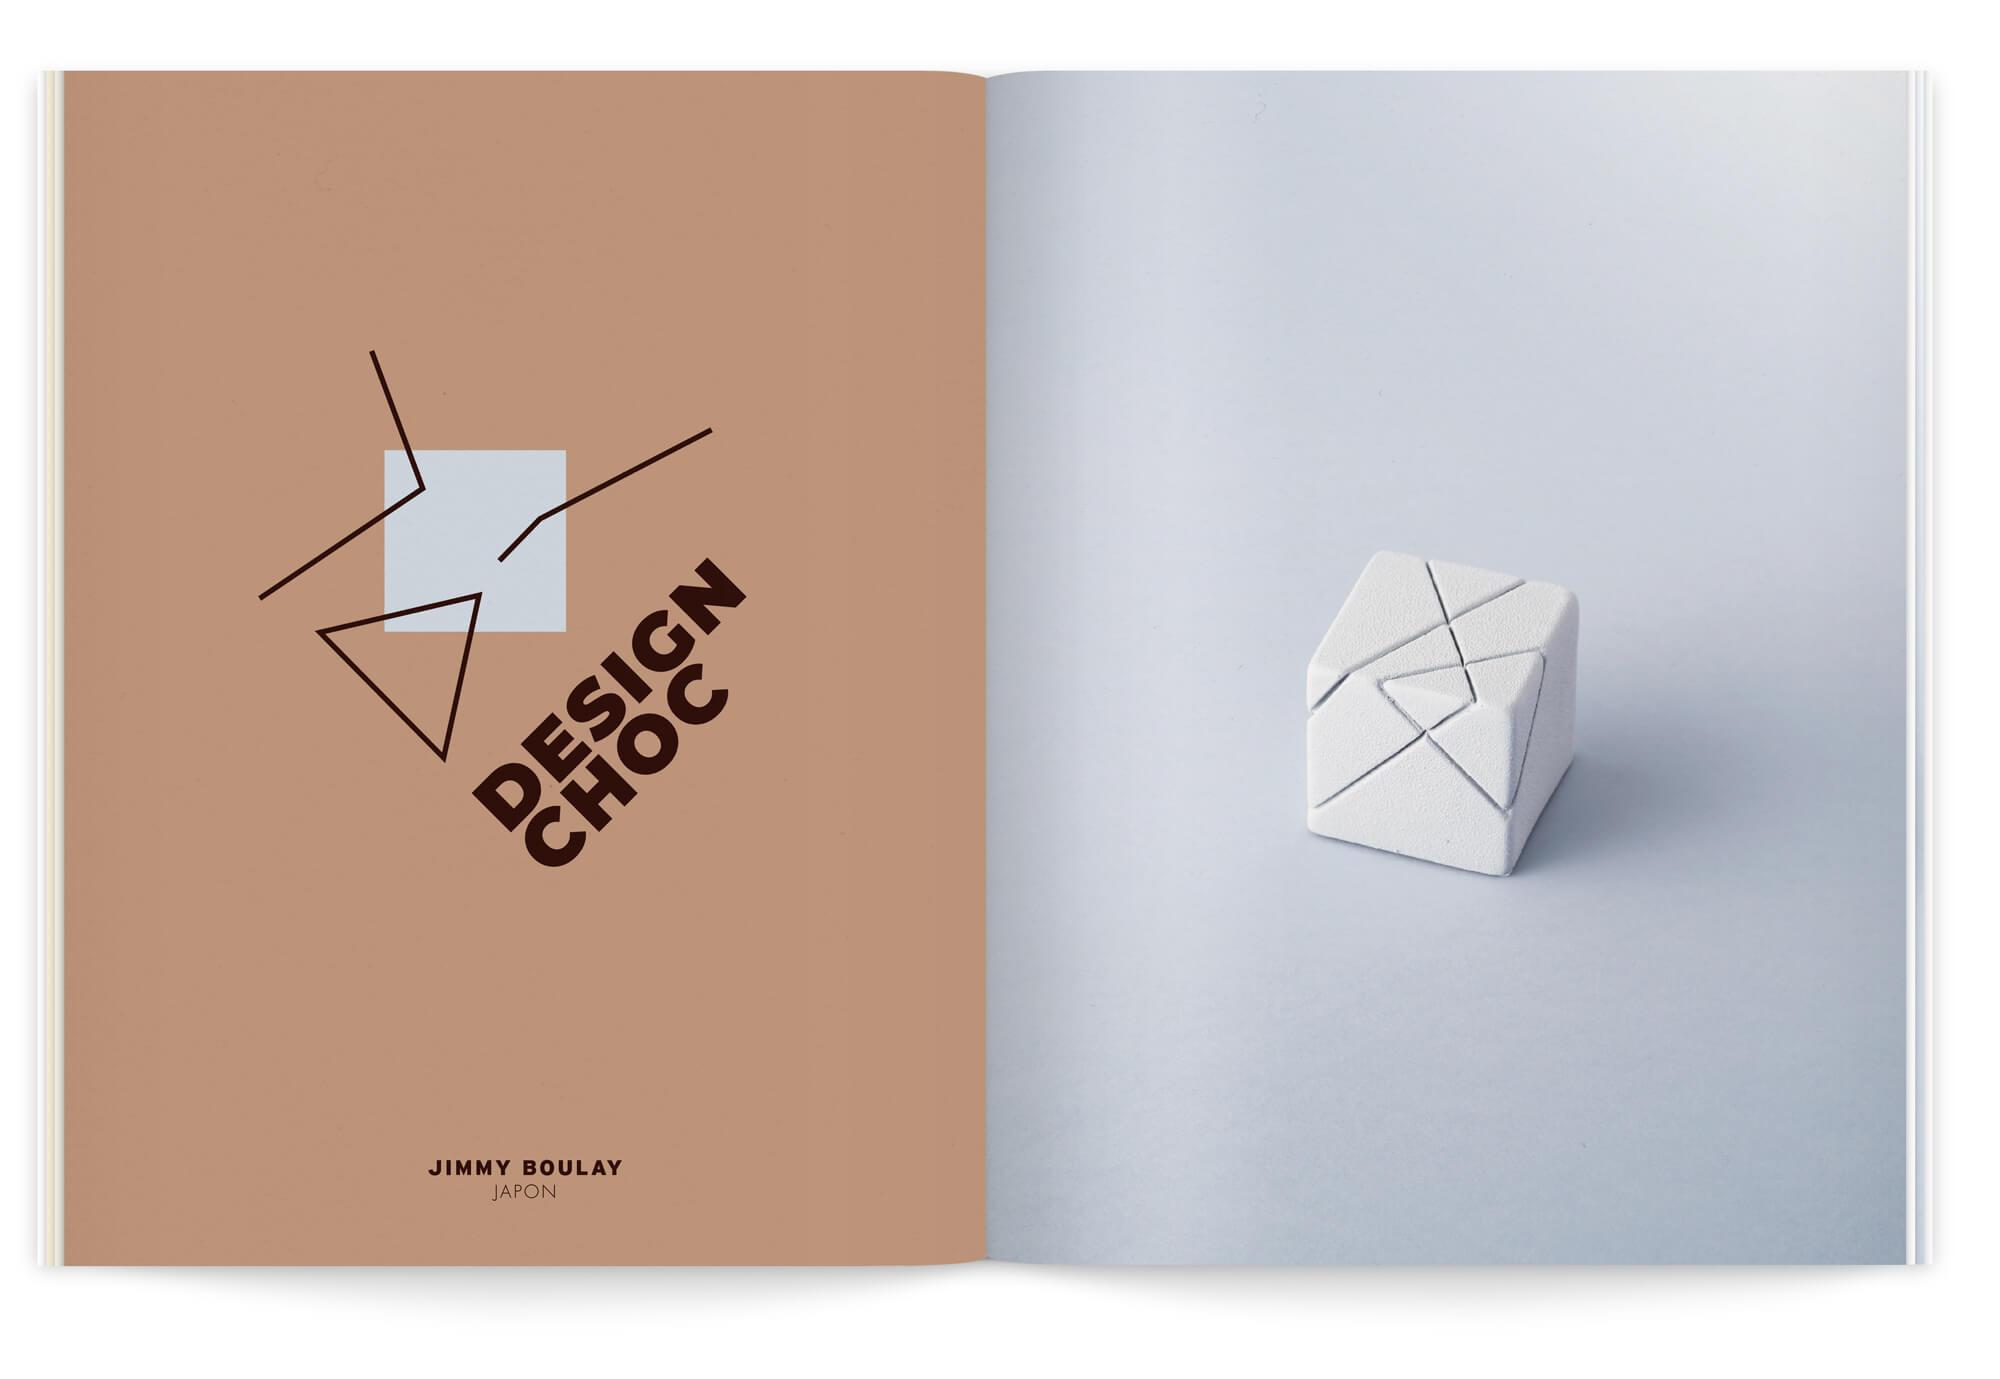 Double page du livret la creme de la creme, illustration moderniste bauhaus par IchetKar